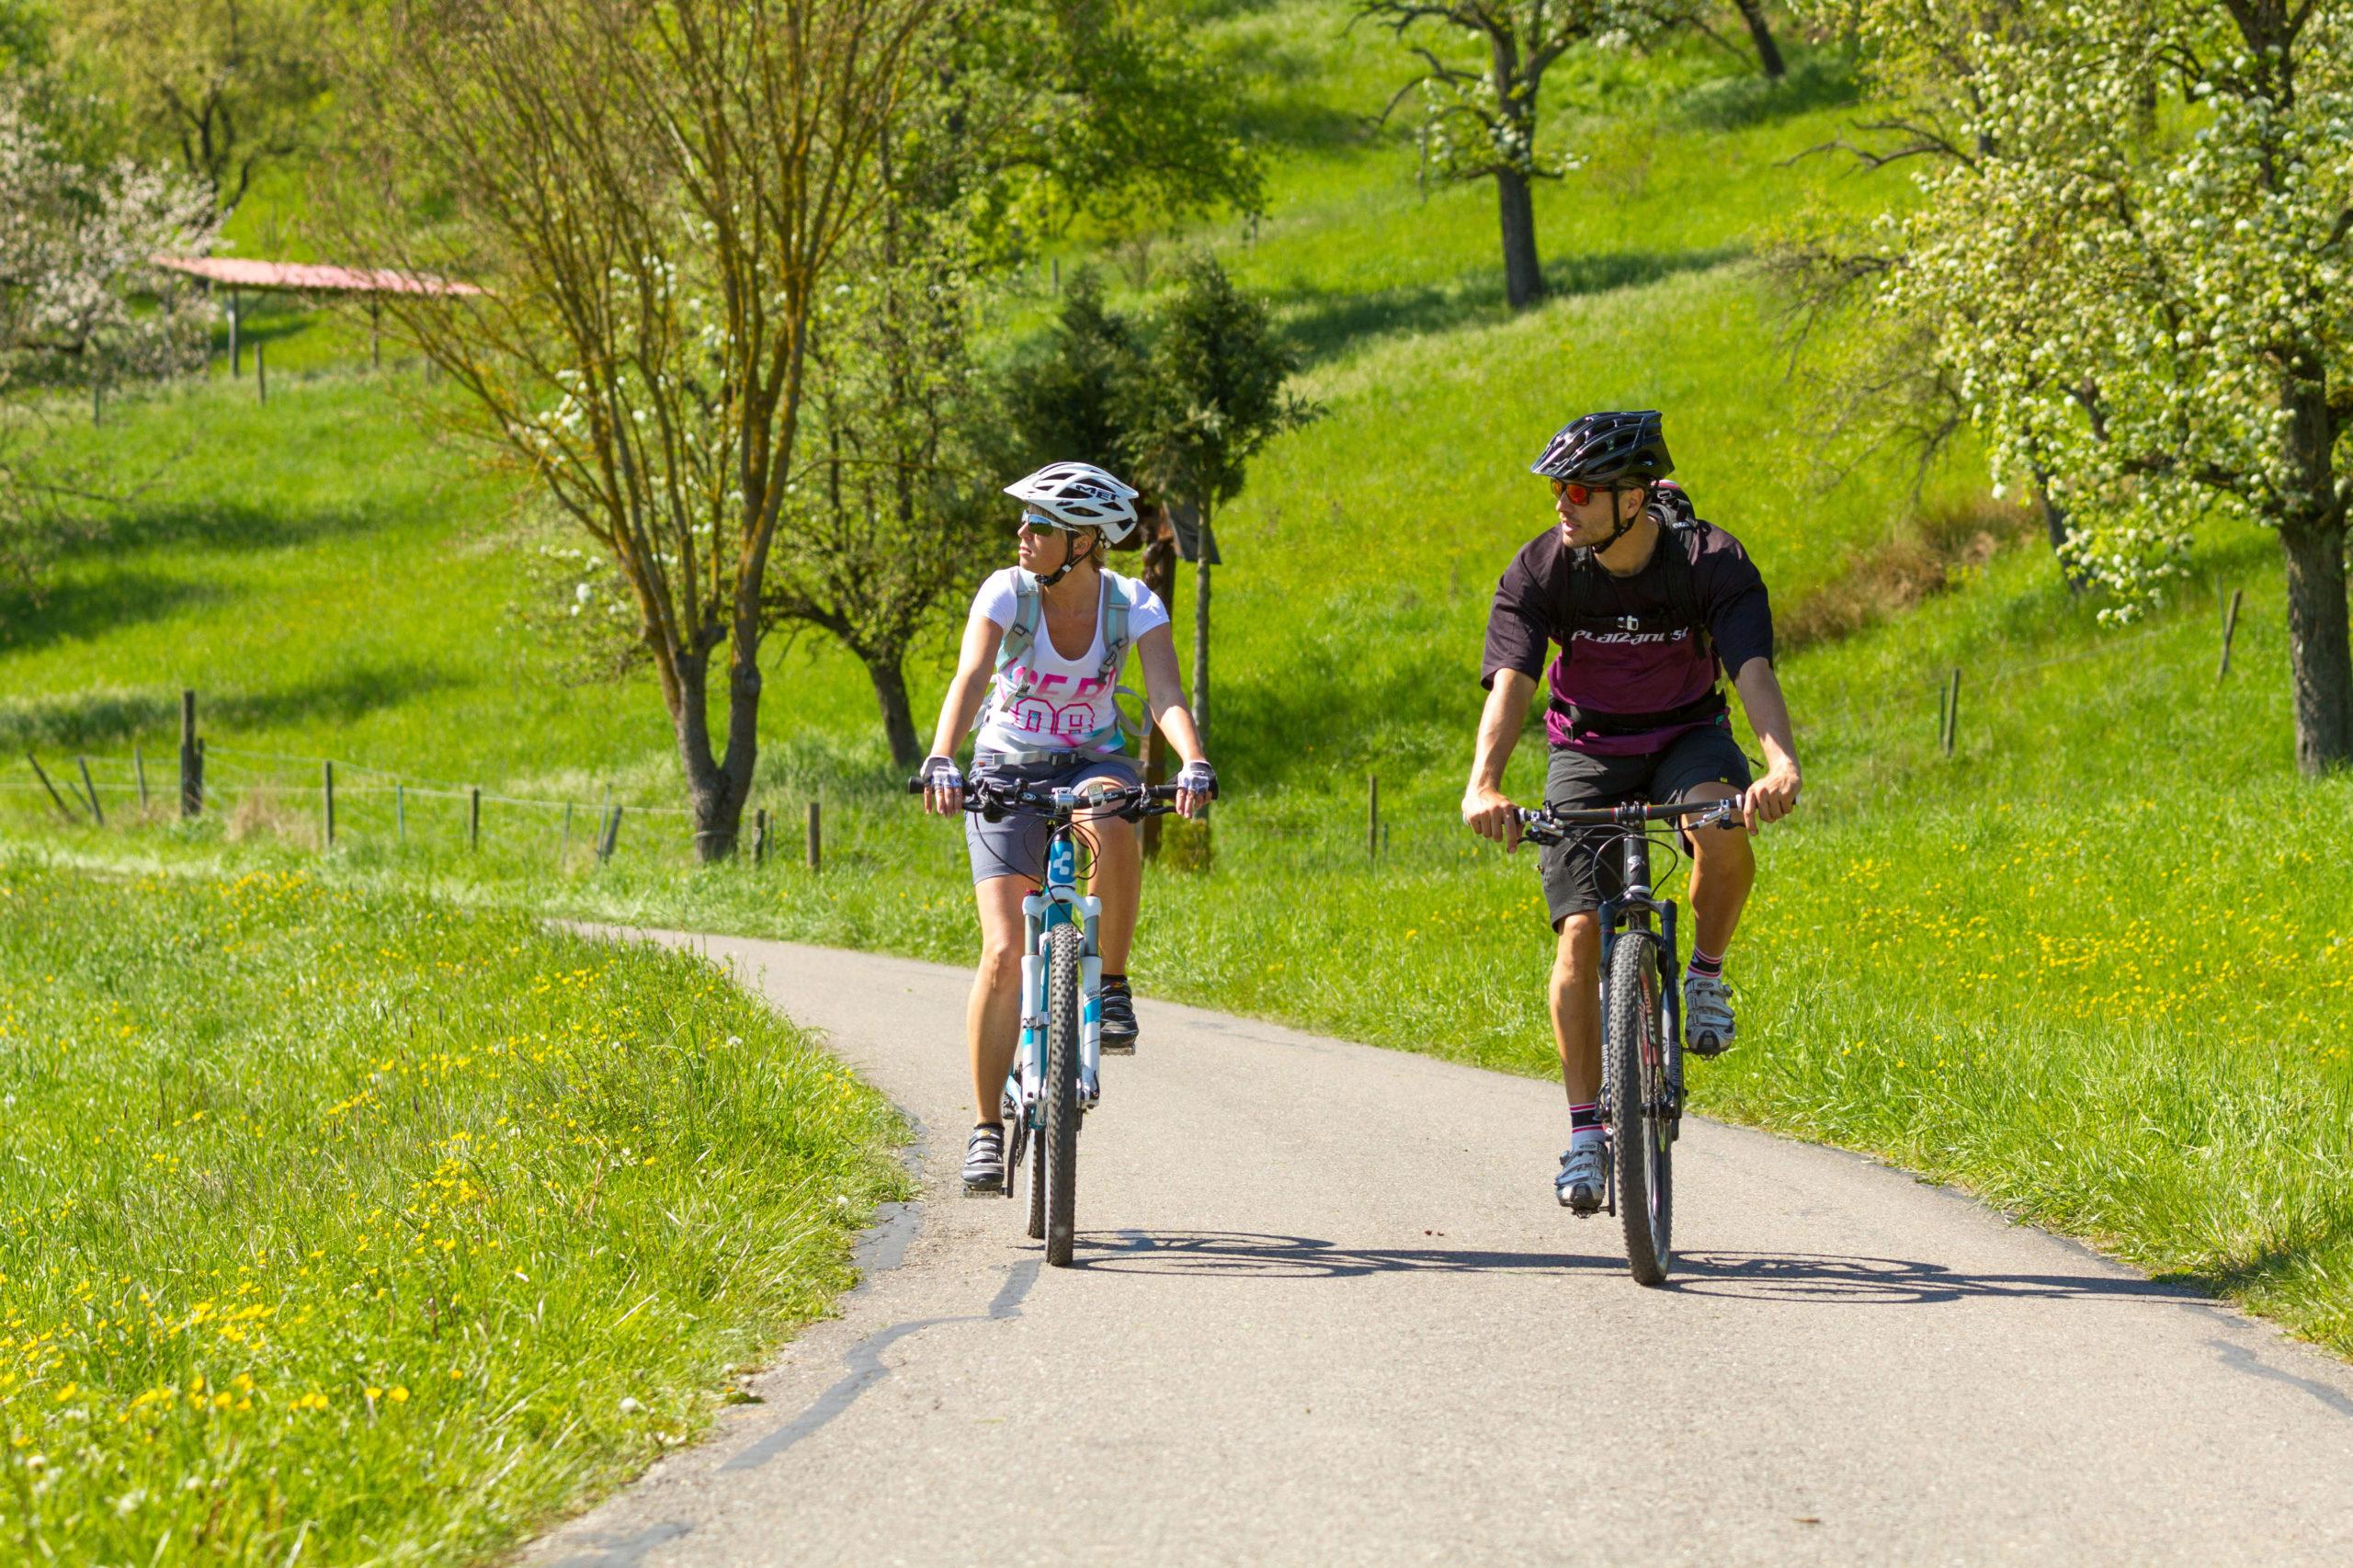 Radtour im Bühlertal - Baden-Württembergs schönste Flussradwege